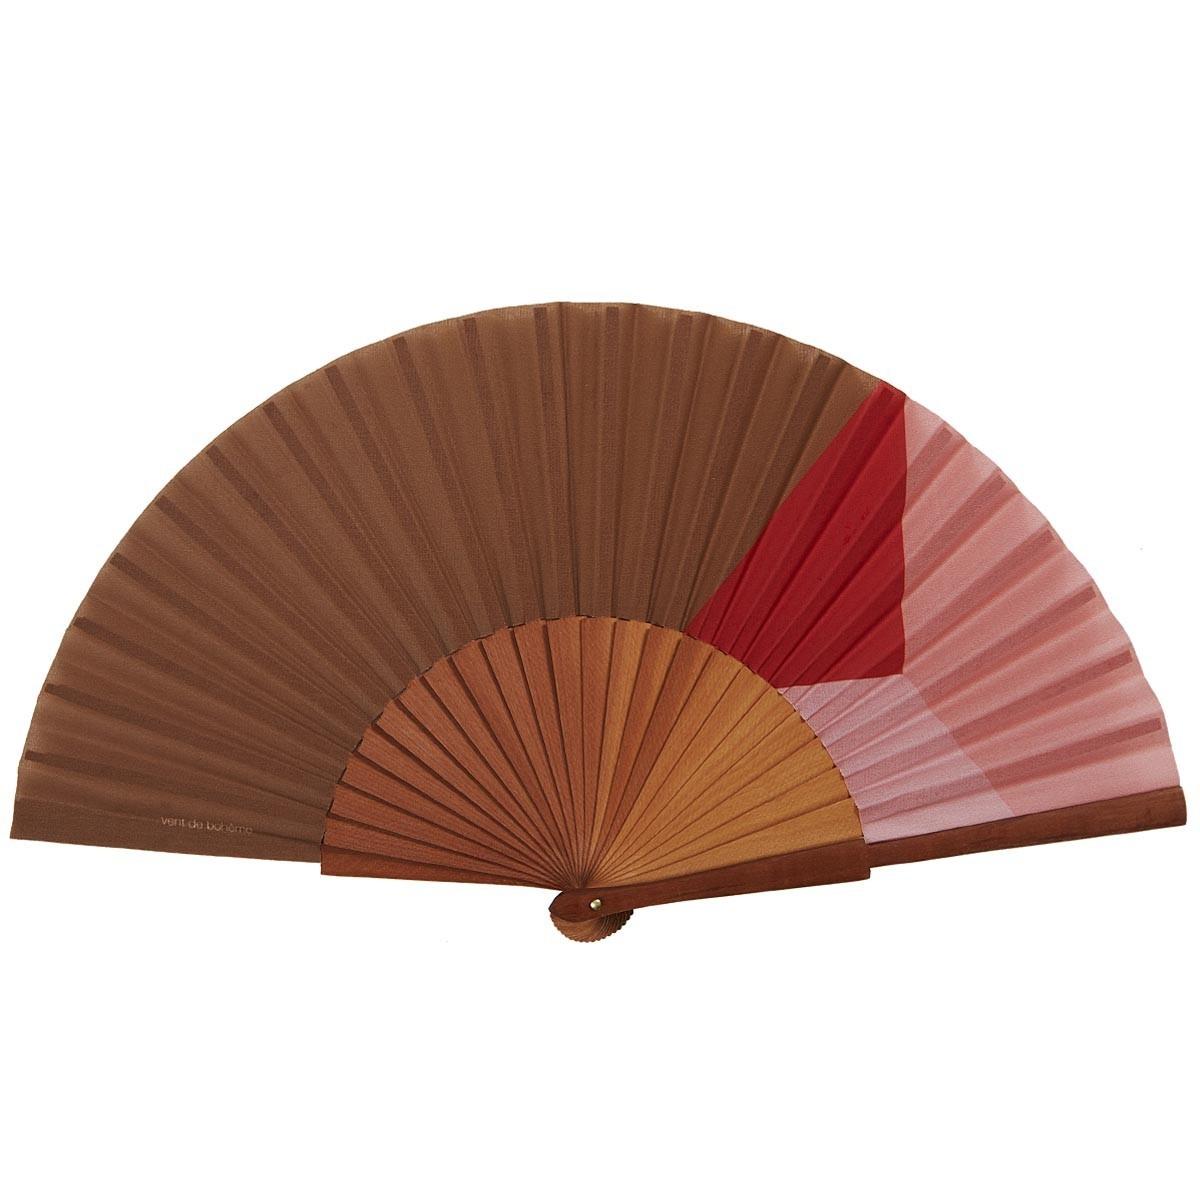 Éventail en bois de merisier et coton imprimé orange